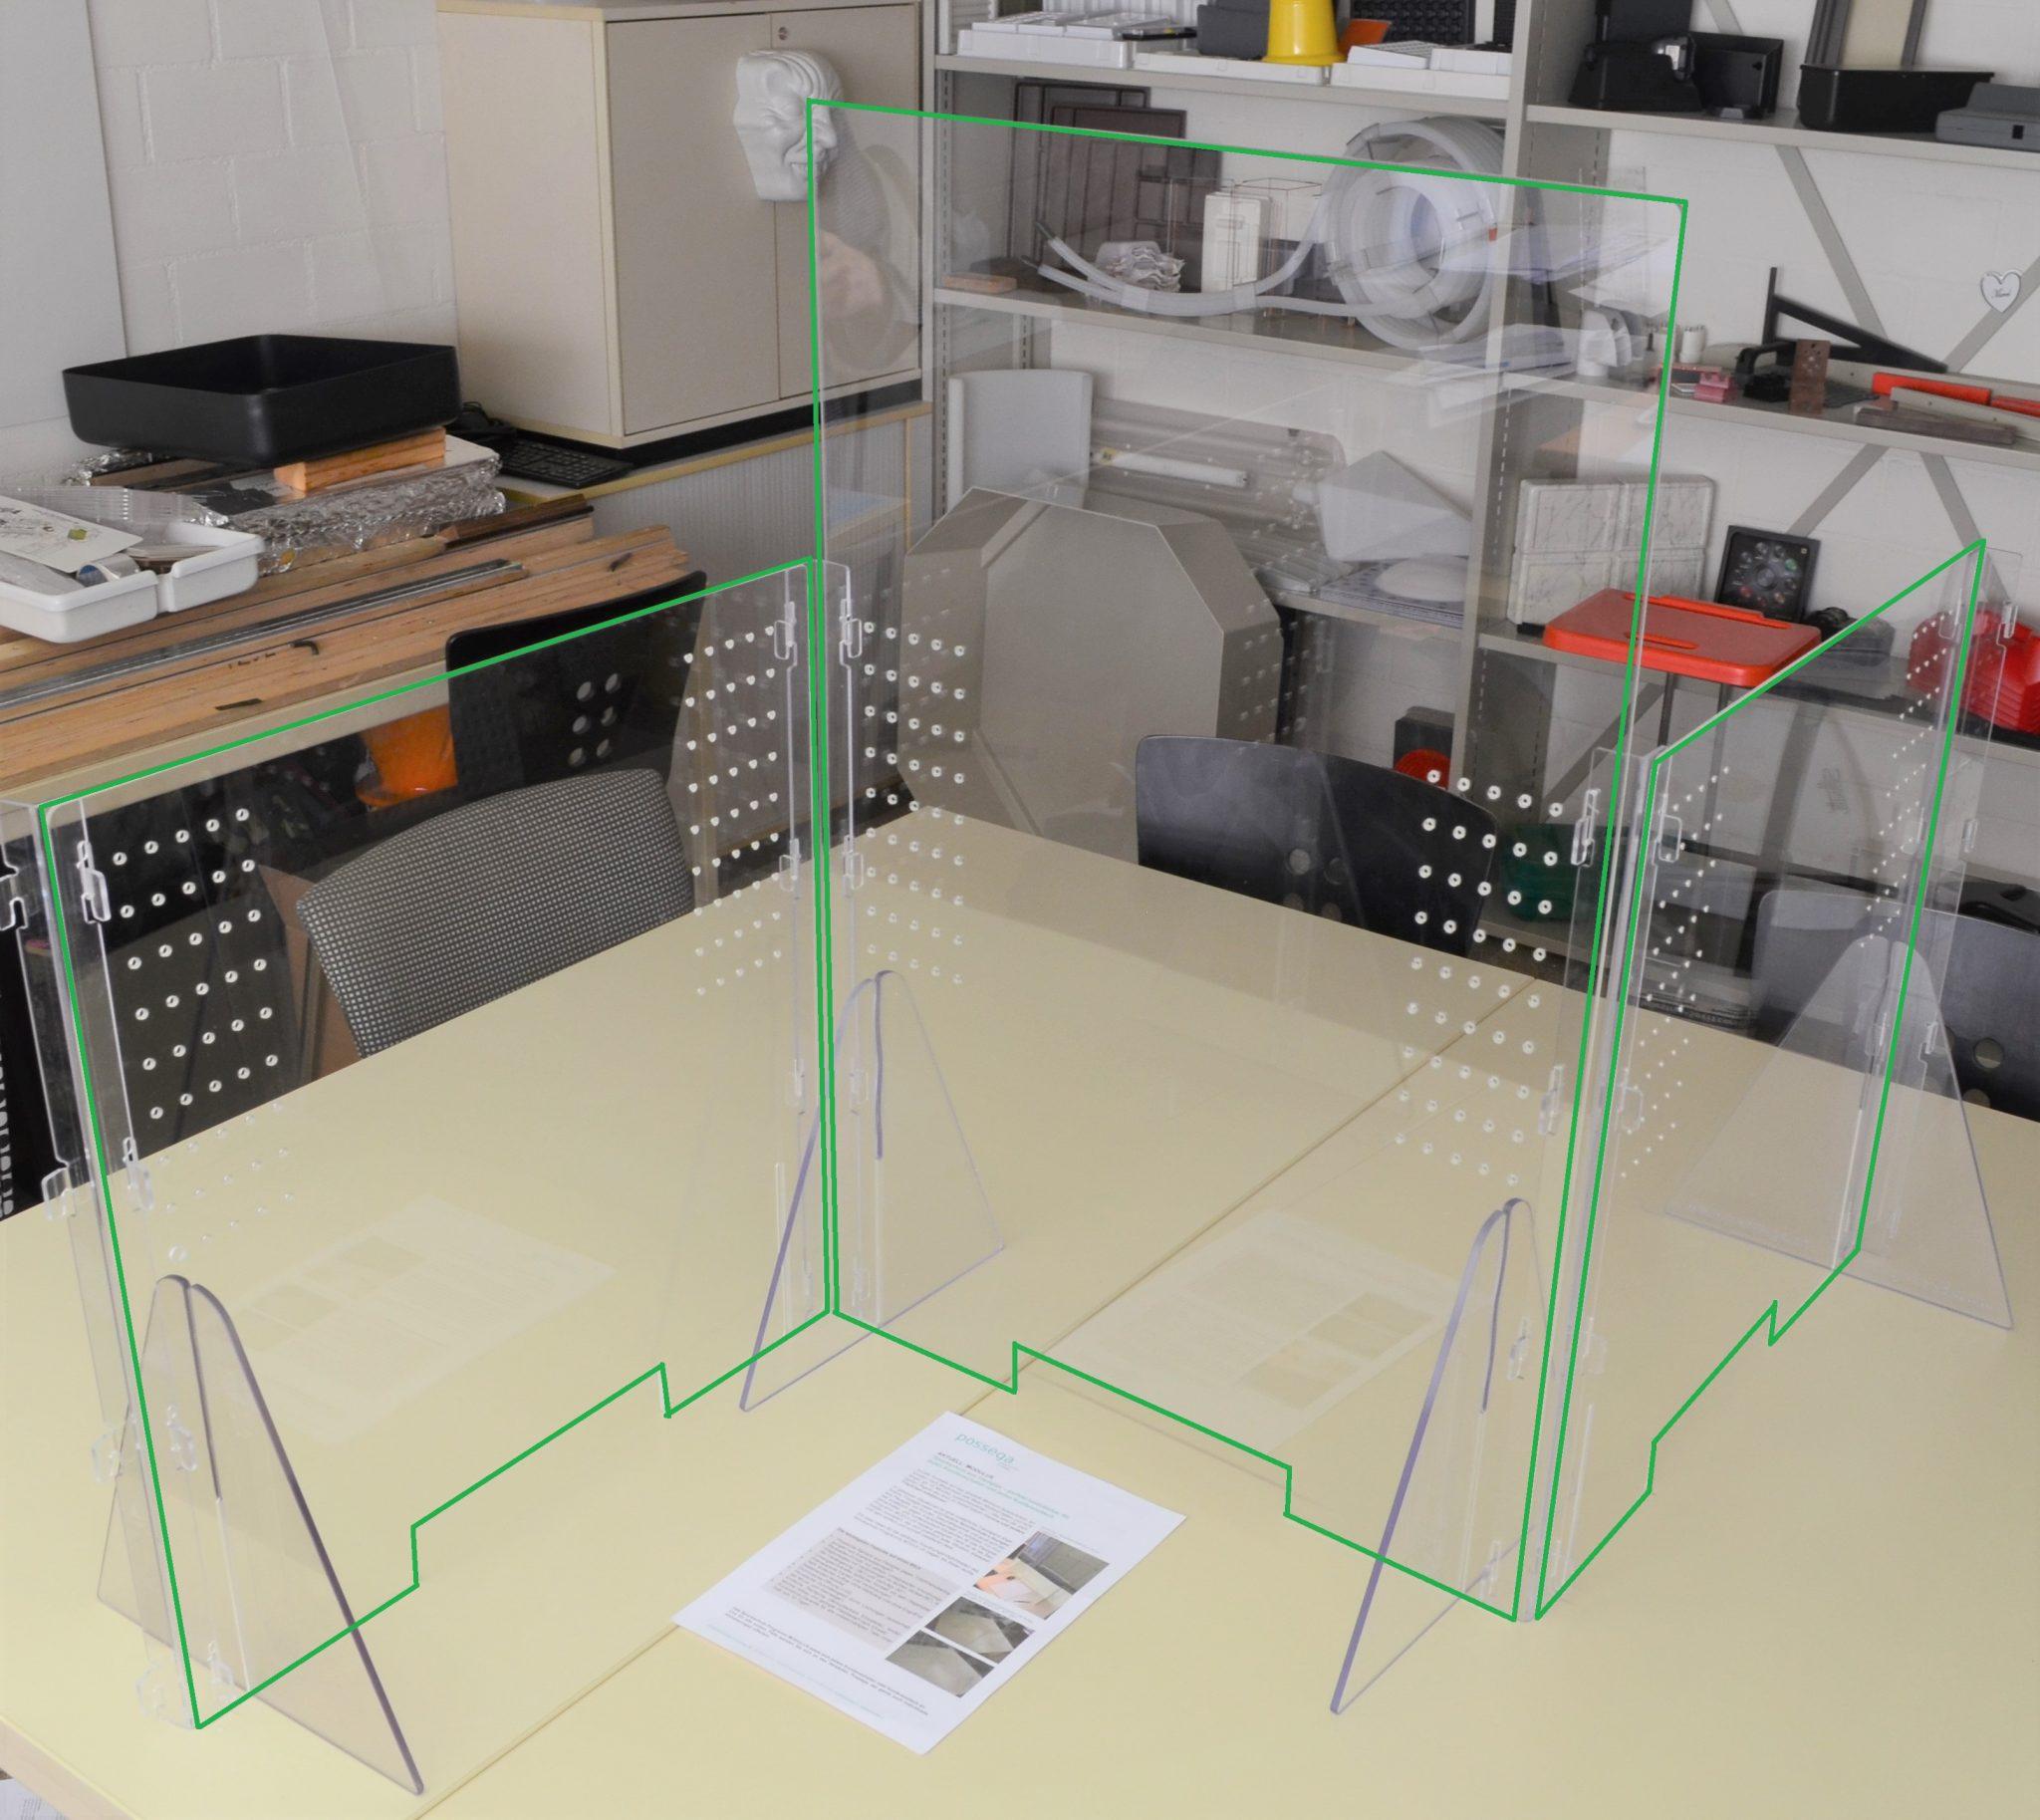 Acryl-/Plexiglas-Spuckschutz-Programm MODULUS - Ausbaumöglichkeiten in die Breite und alternative Masse in die Höhe